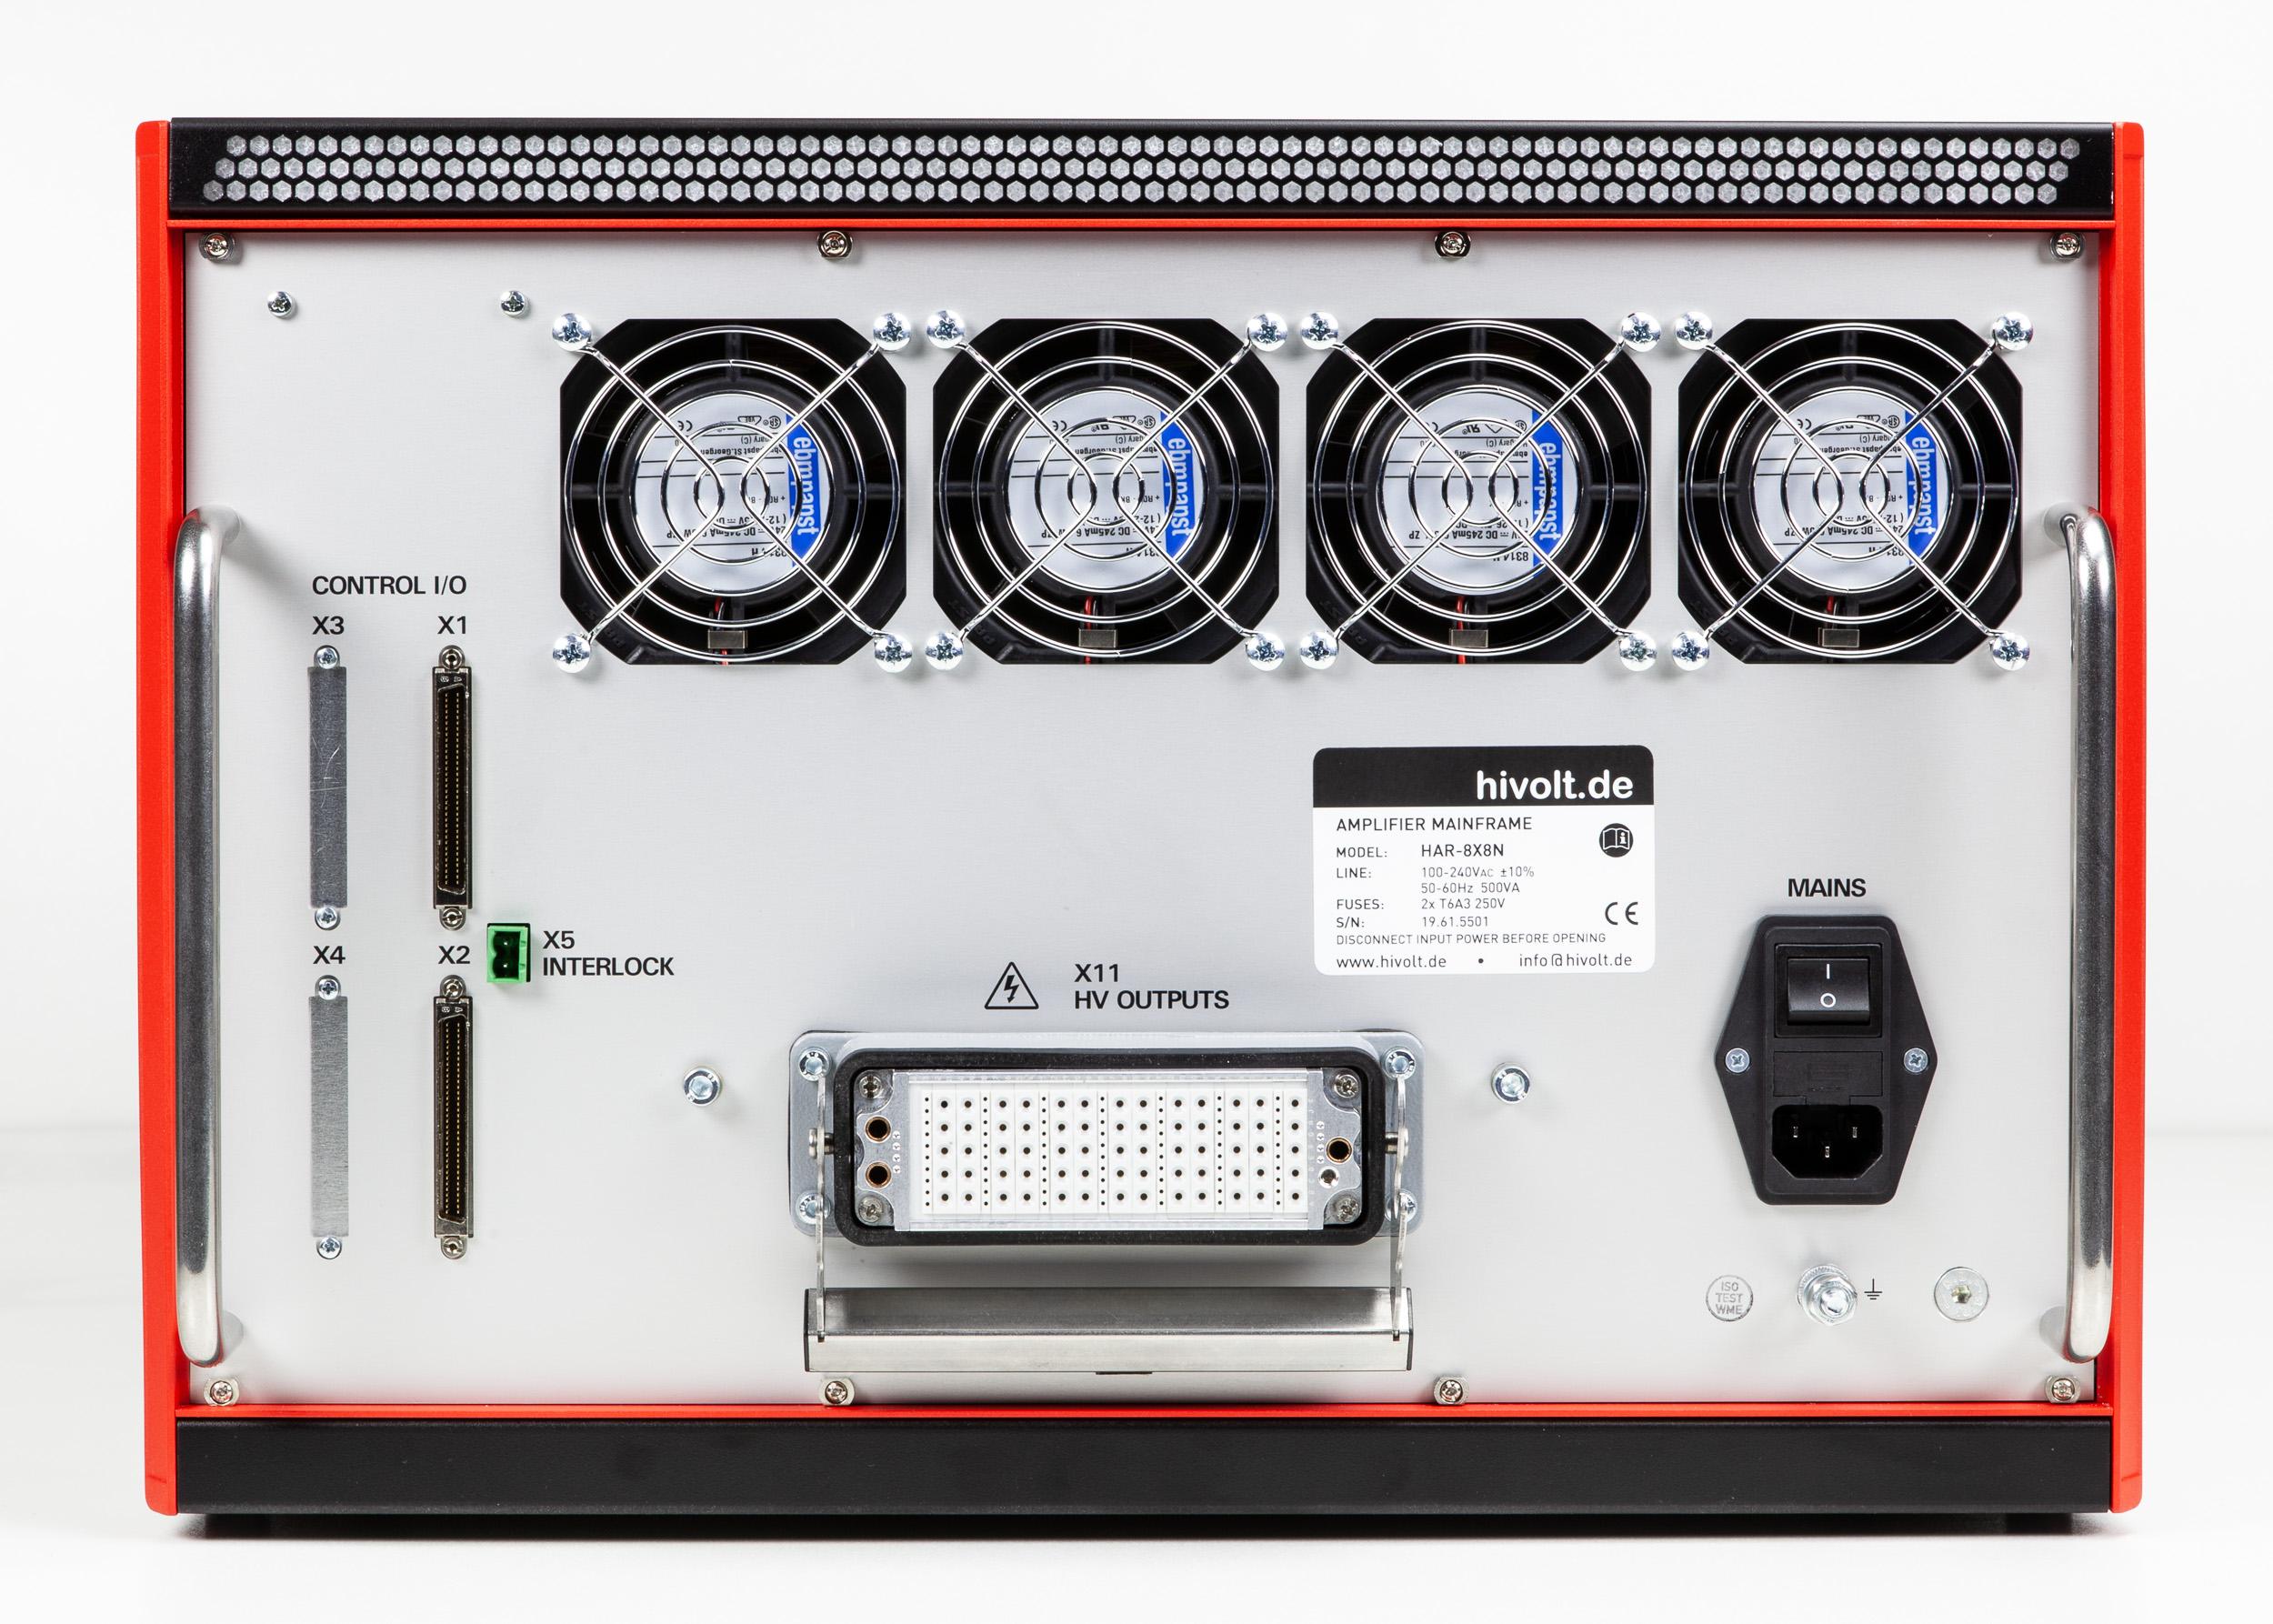 Amplificateur haute tension HAR-8x8A avec 64 voies +/- 600 V HIVOLT.de